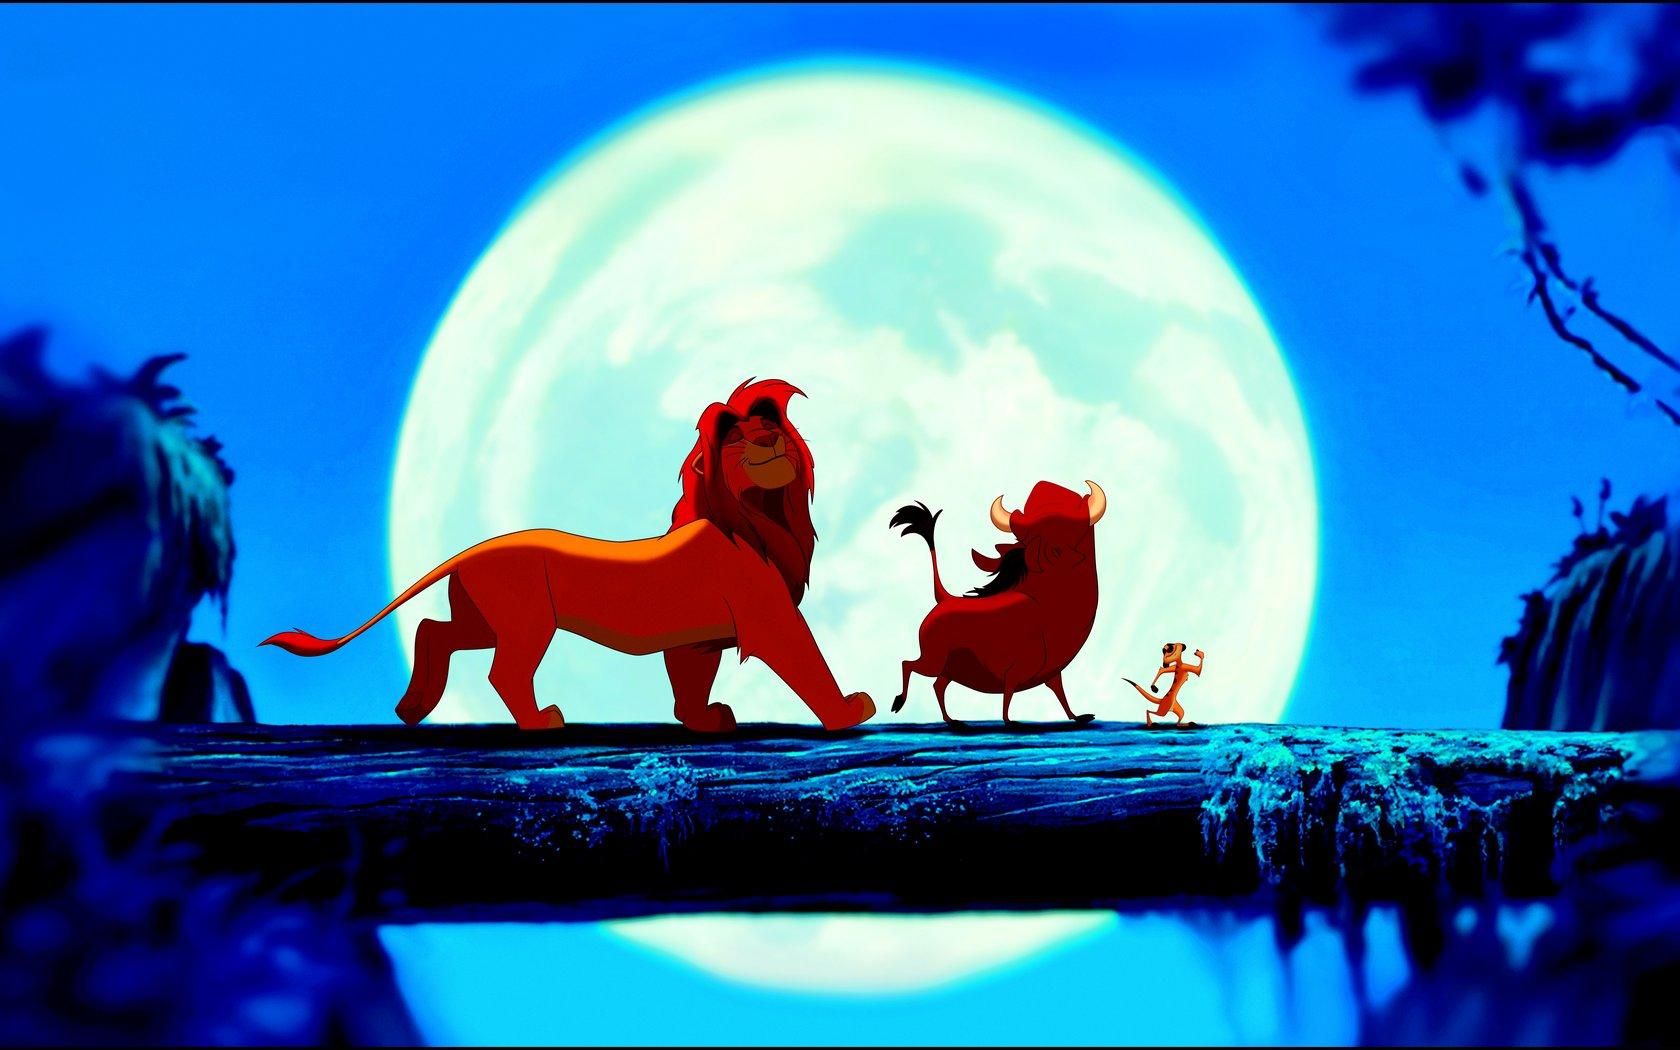 Il re leone sfondo and sfondo 1680x1050 id 338881 for Sfondi leone